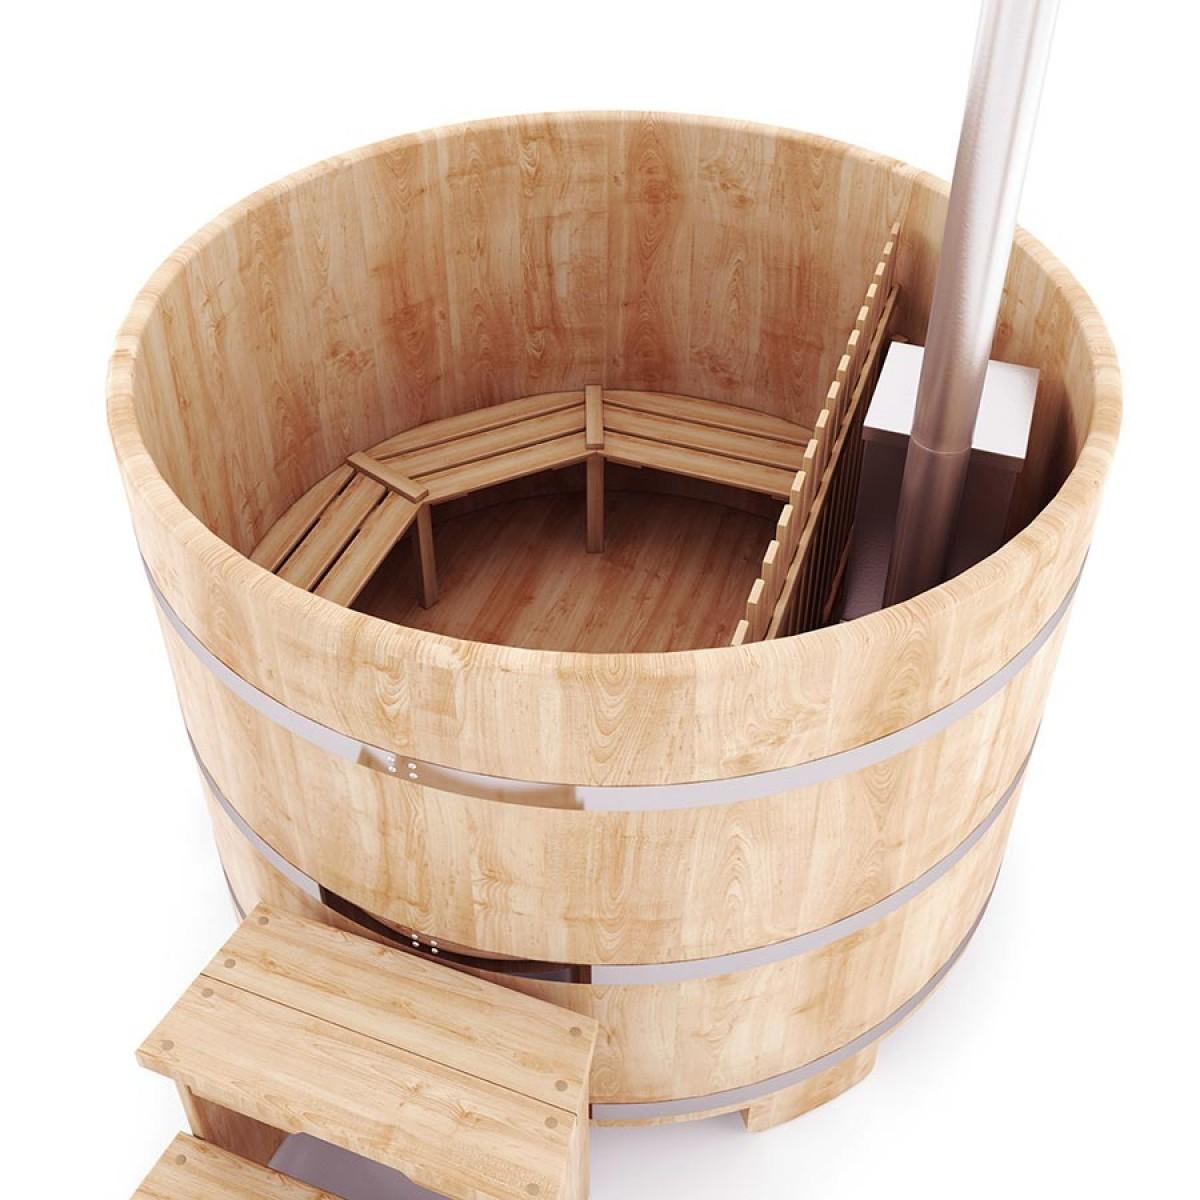 Японская баня офуро, фурако: своими руками